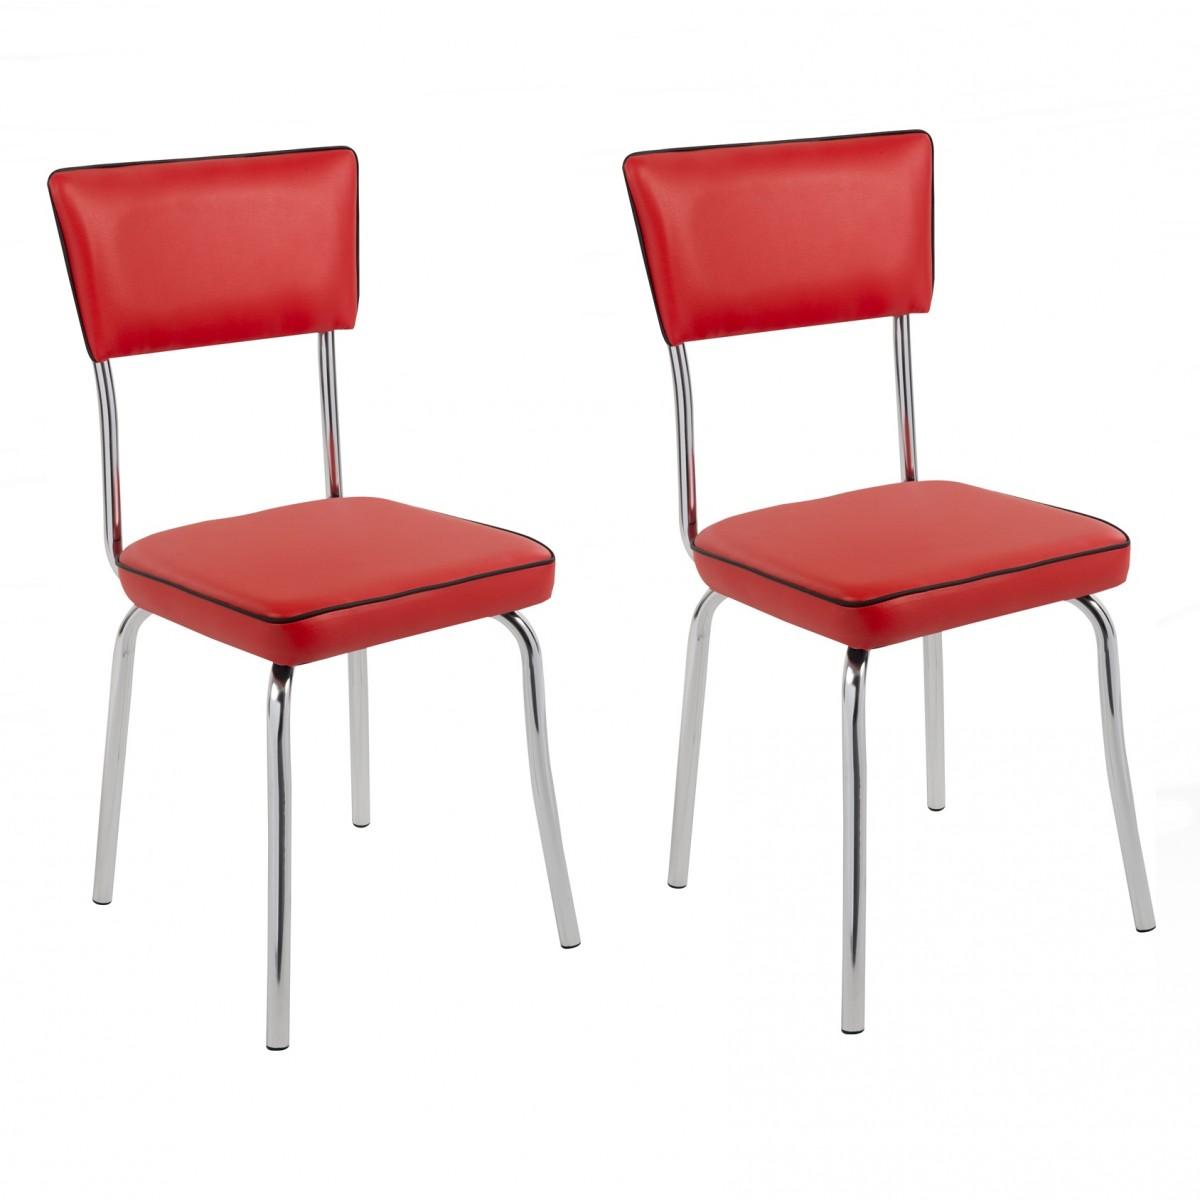 Compre Kit 2 P S Cadeira Retr Cromada Cp2030 Plus Pozza Vinil